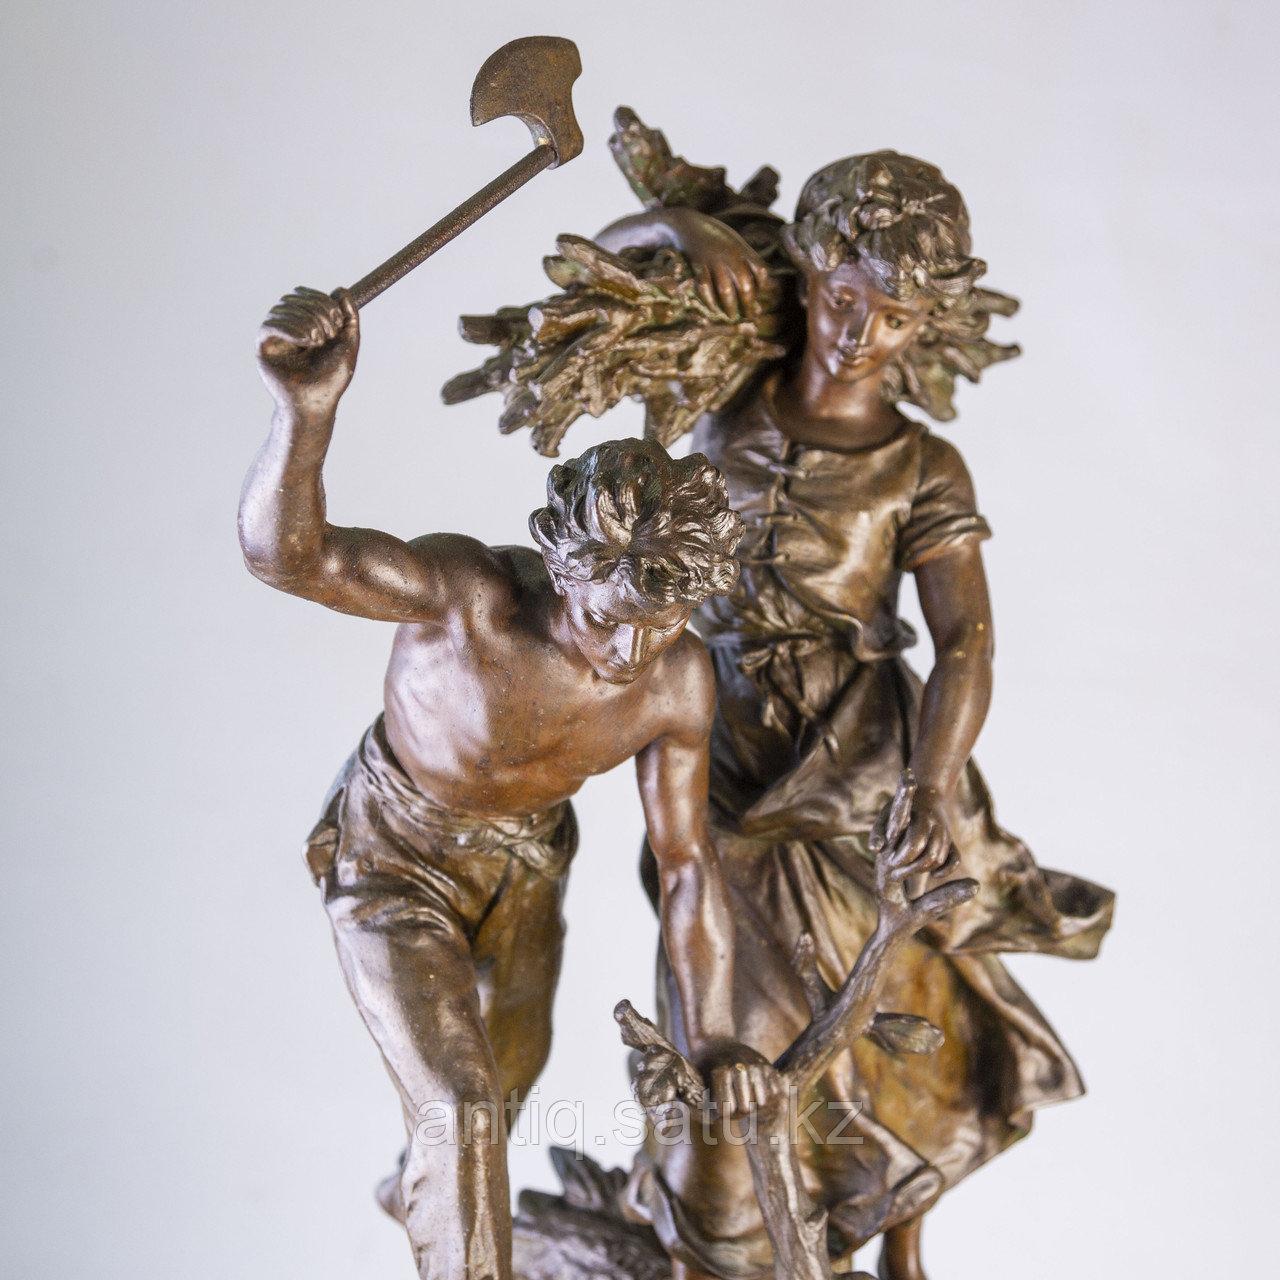 Часы в стиле Наполеона III. Скульптор Hippolyte Moreau Часовая мастерская S. Marti & Cie - фото 4